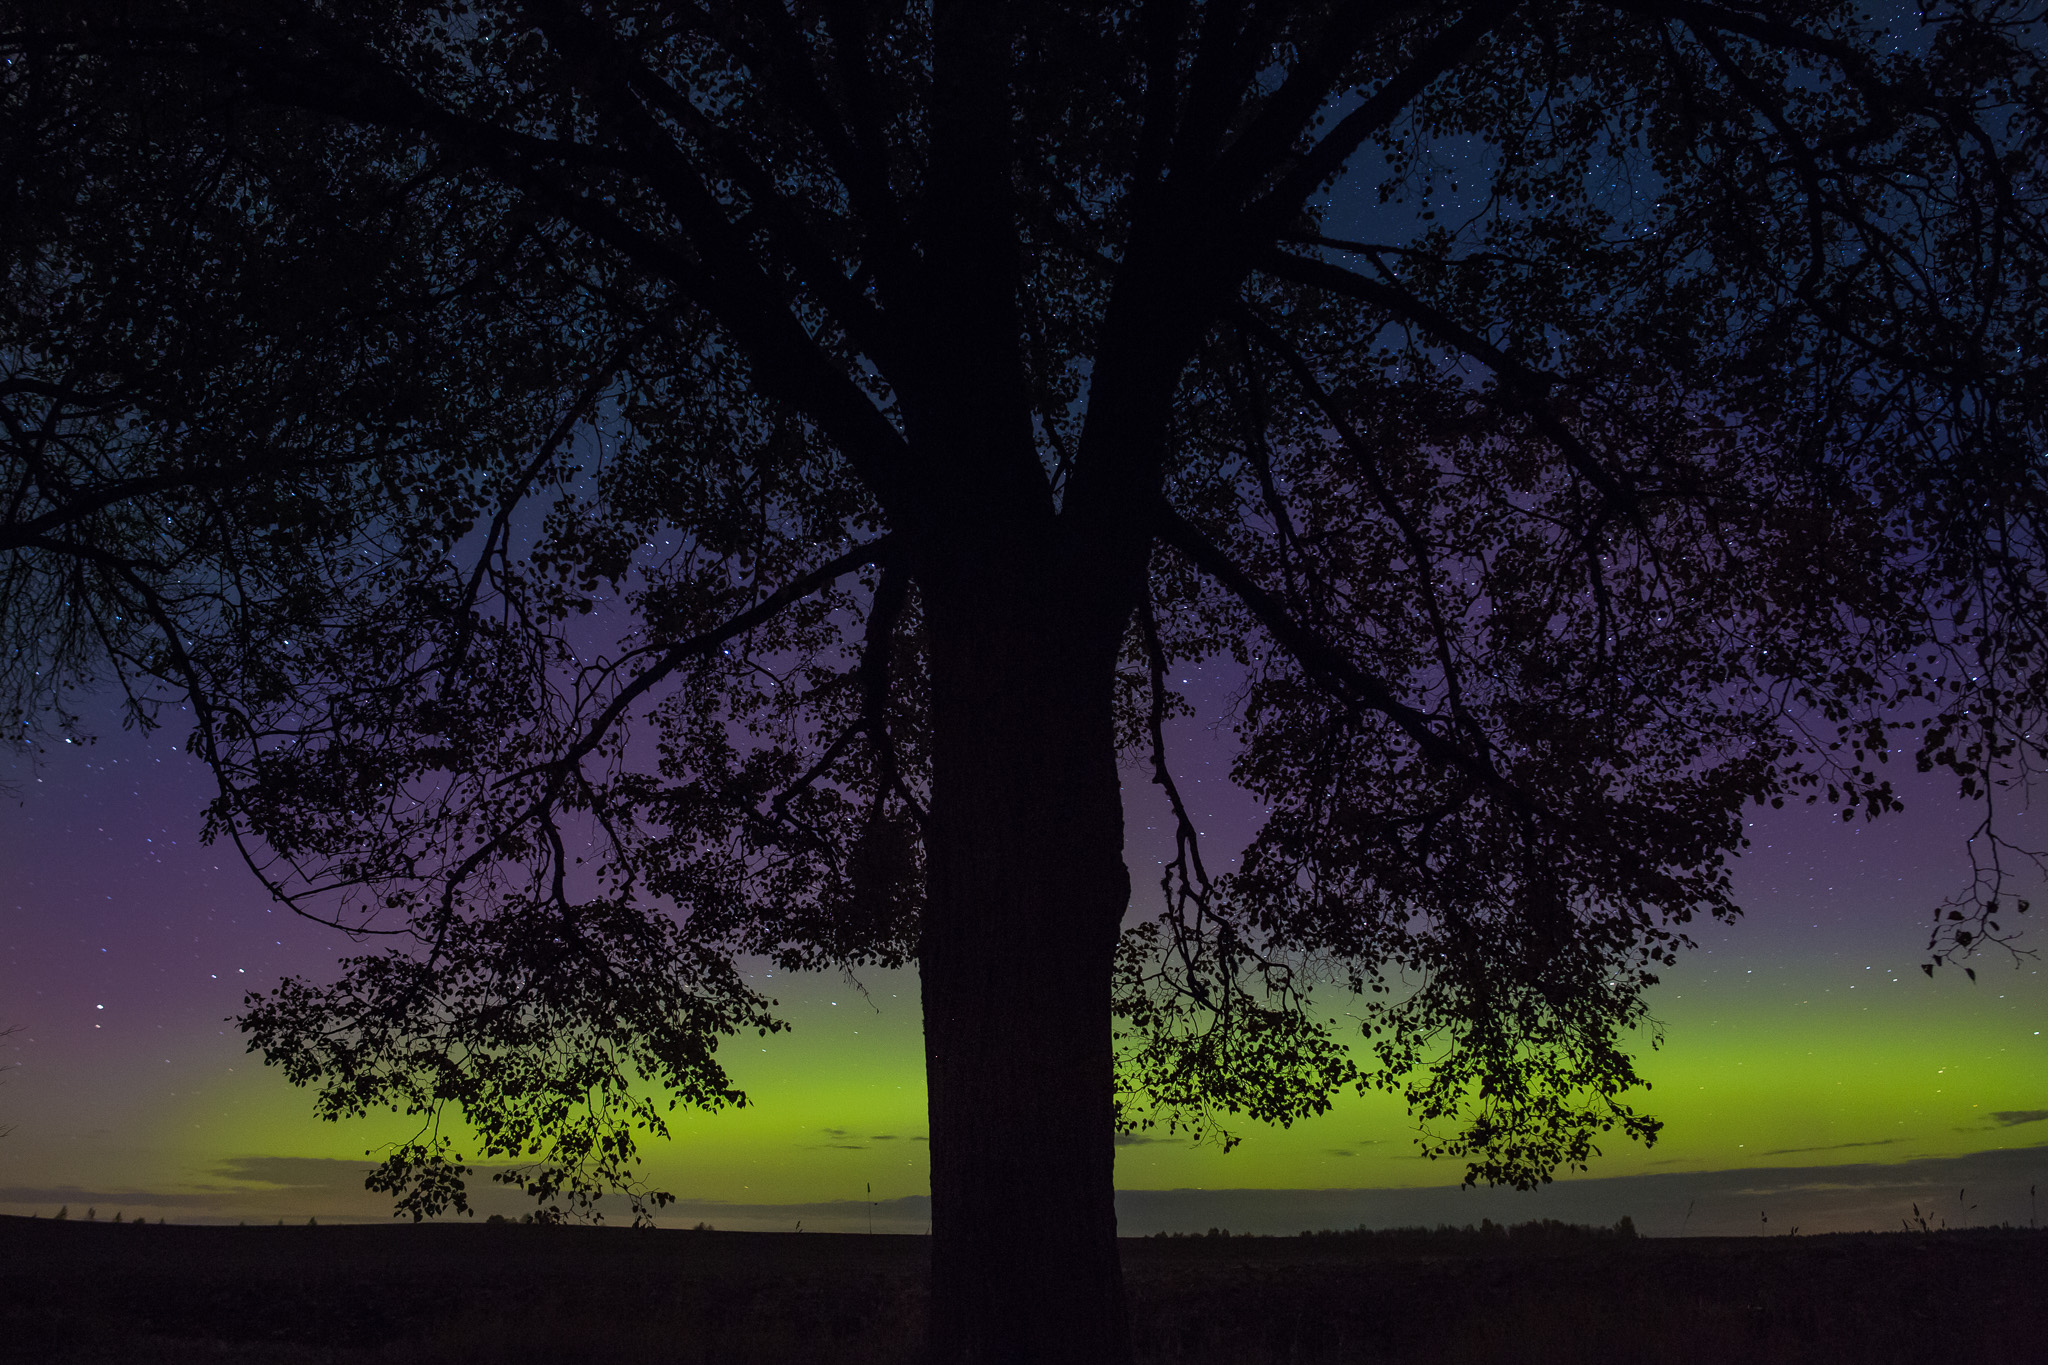 Aurora Borealis in Estonia. October 2012.